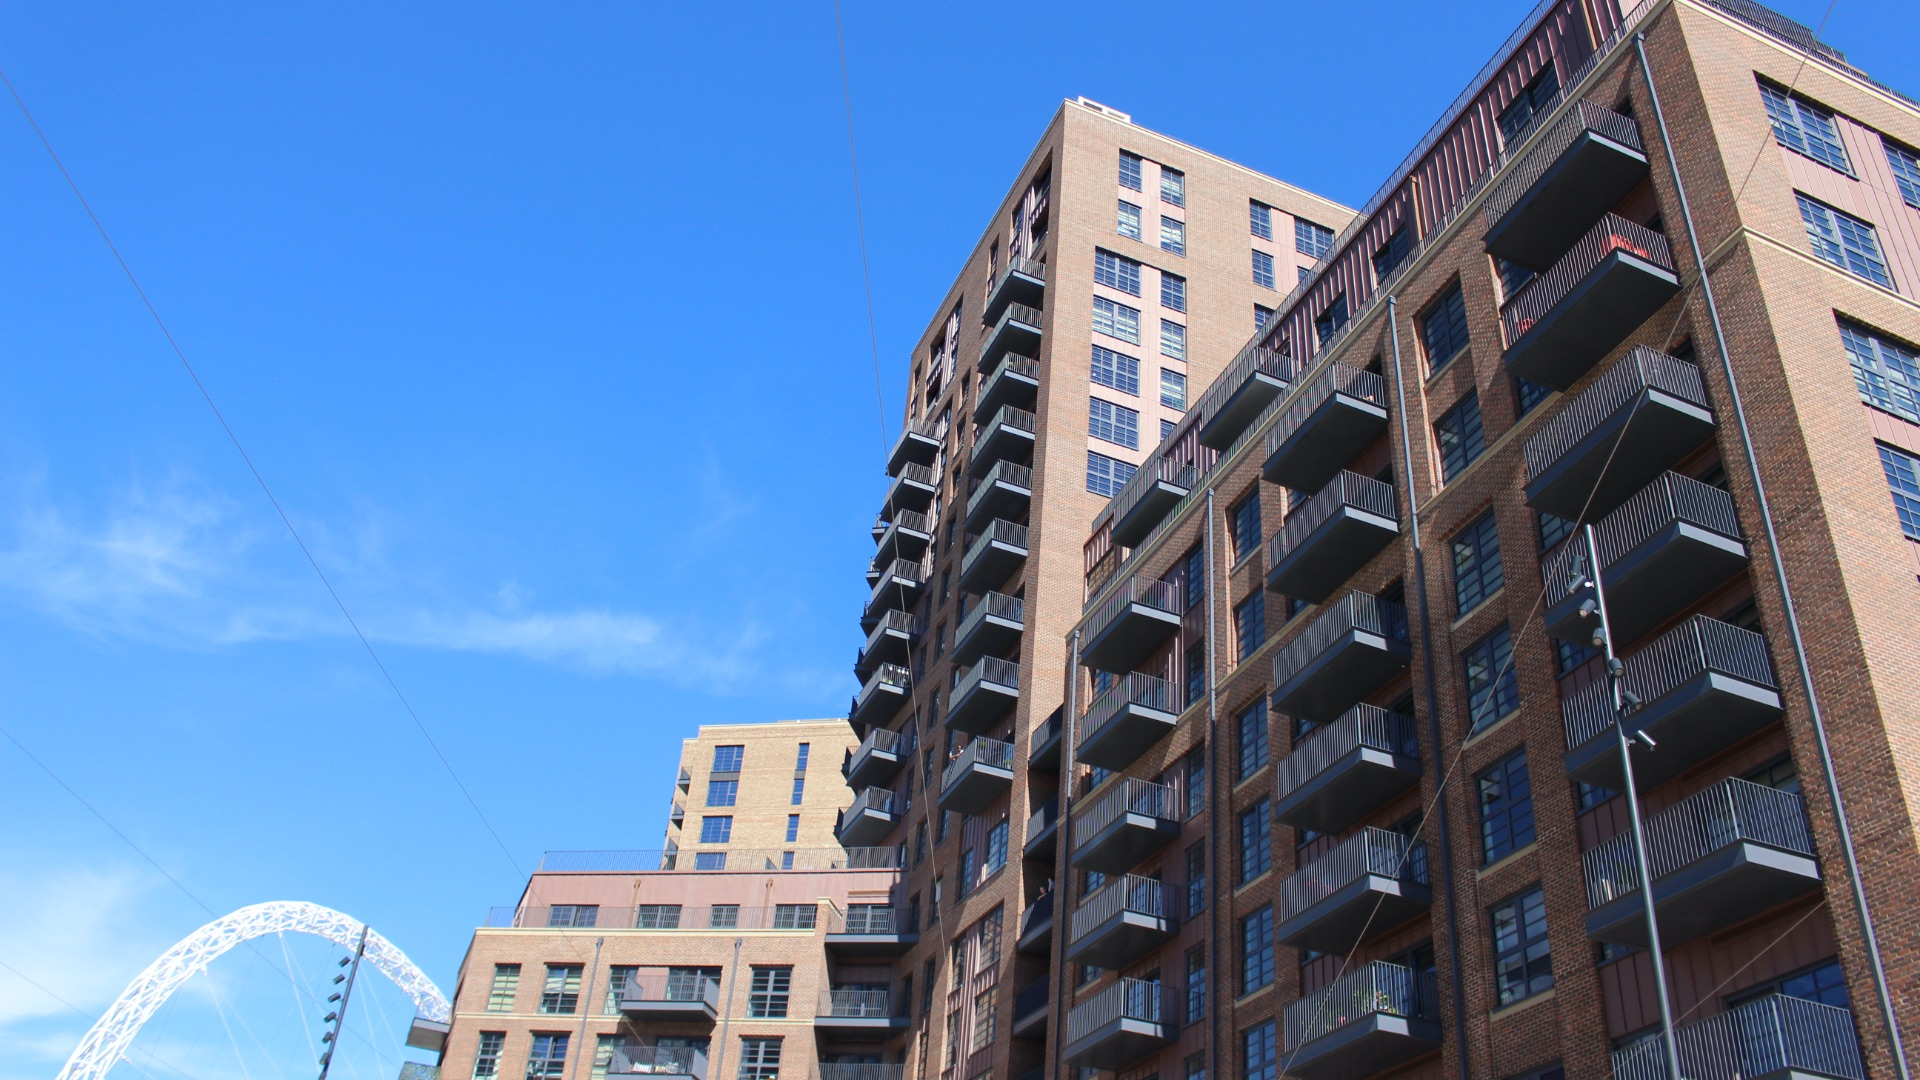 Specialist facade services